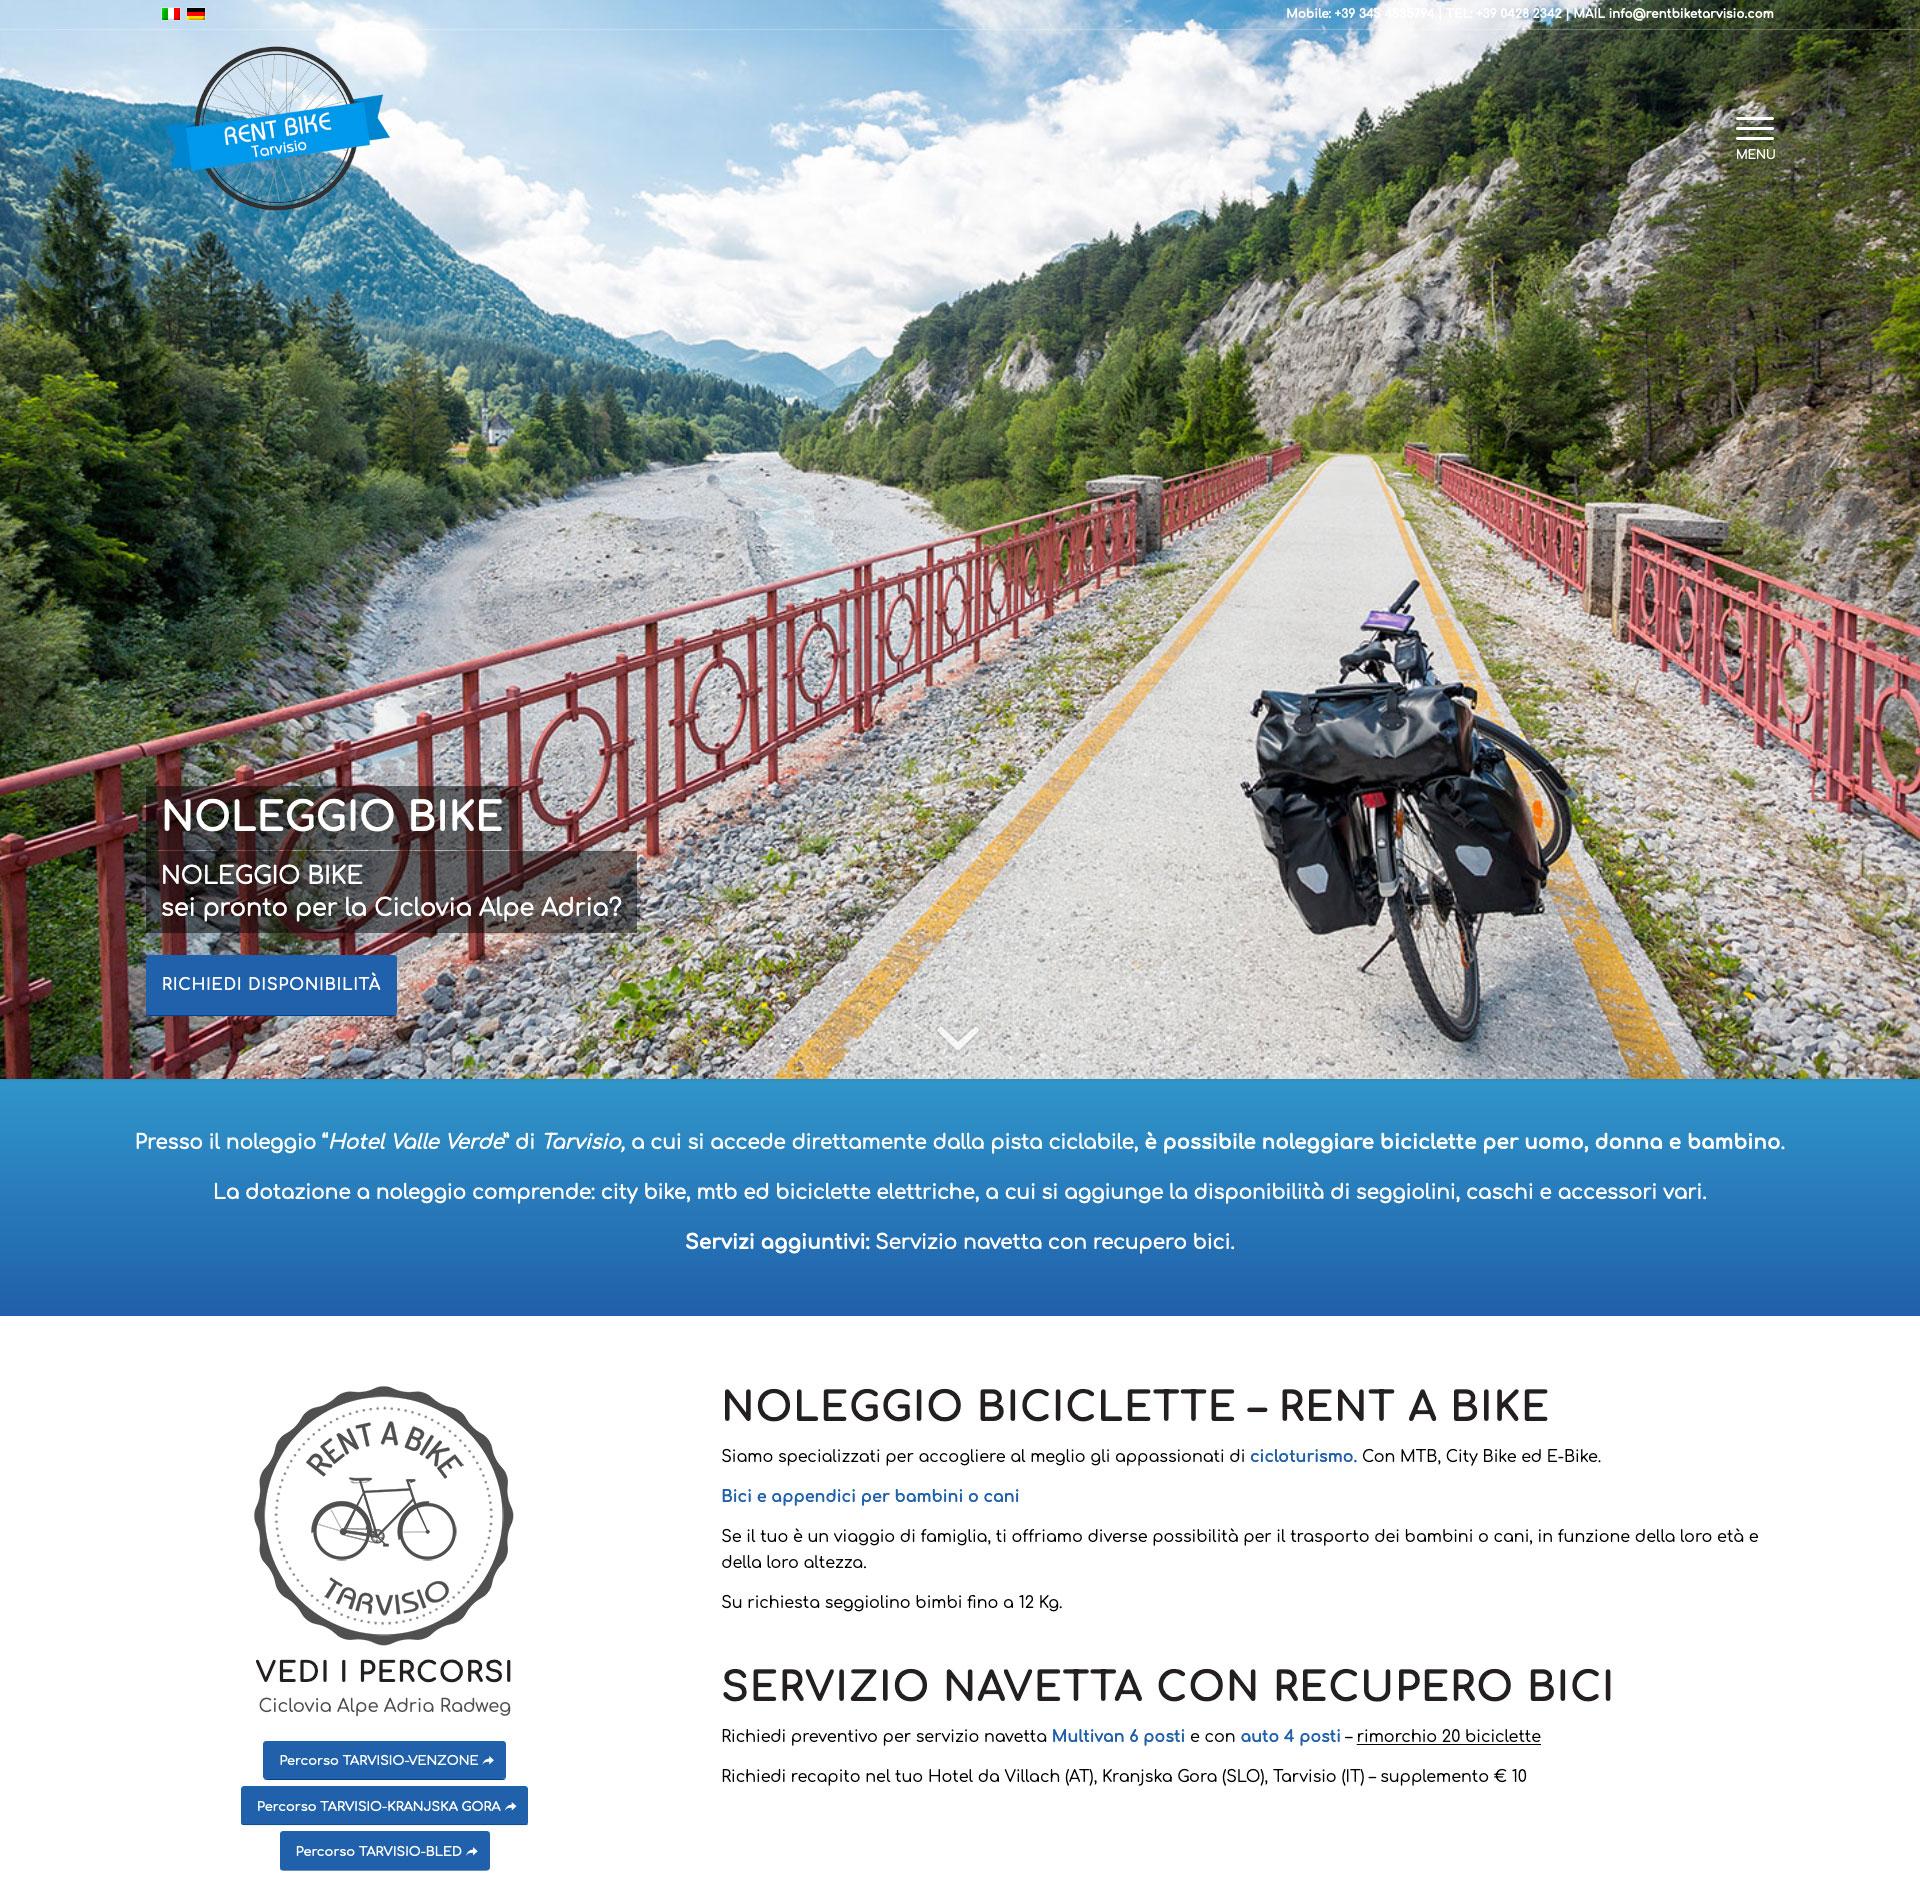 Tende Per Interni Udine novità archivi - pagina 4 di 22 - why group srl - web agency